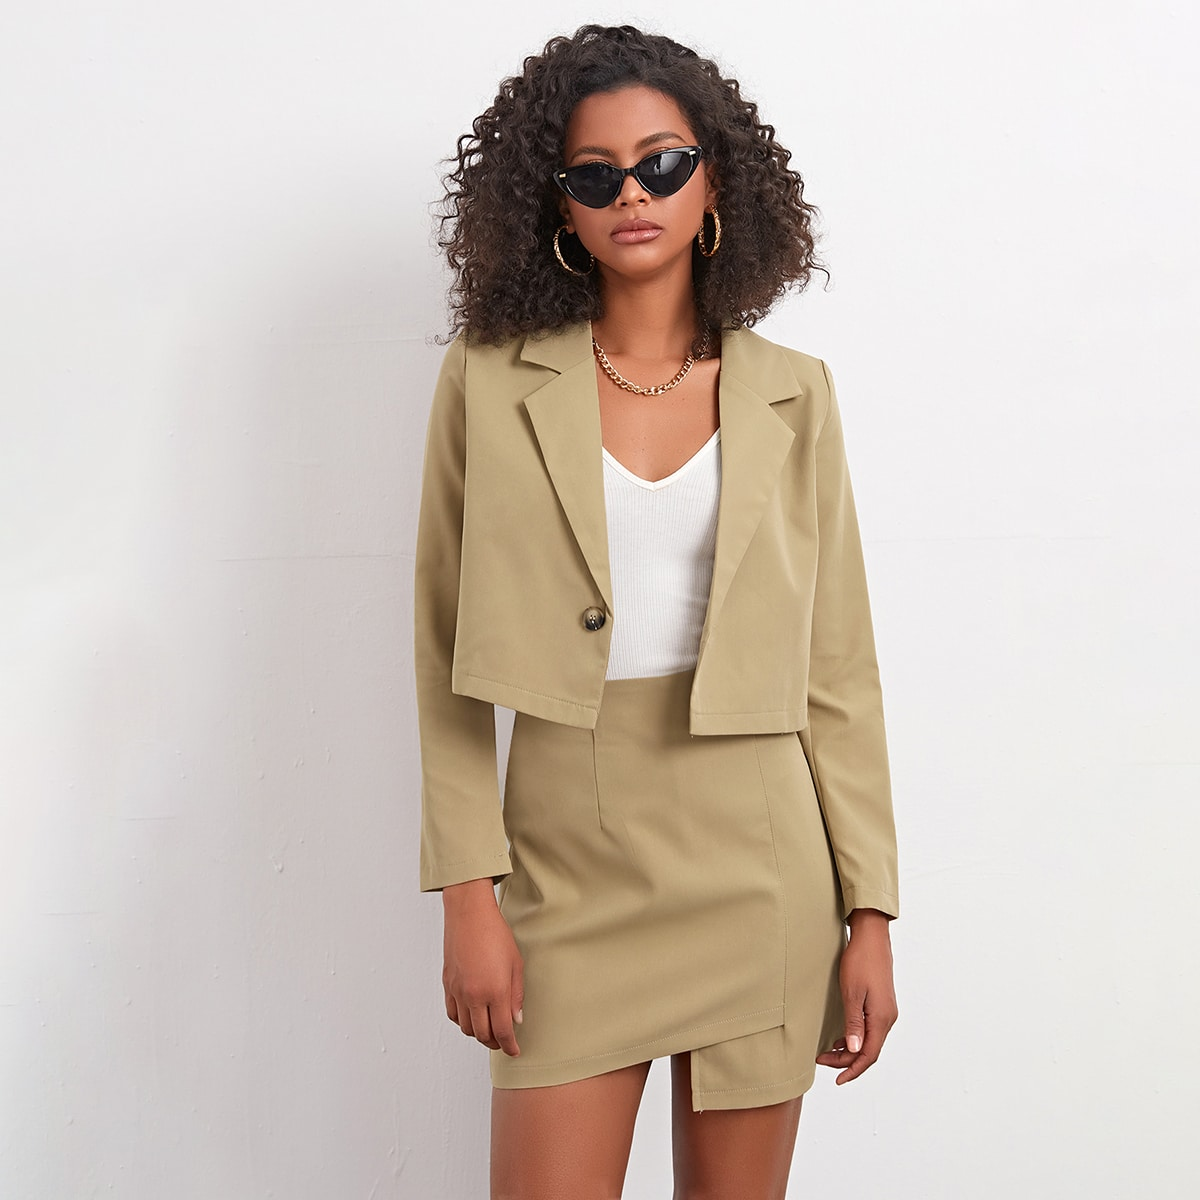 Пиджак с пуговицей и асимметричная юбка